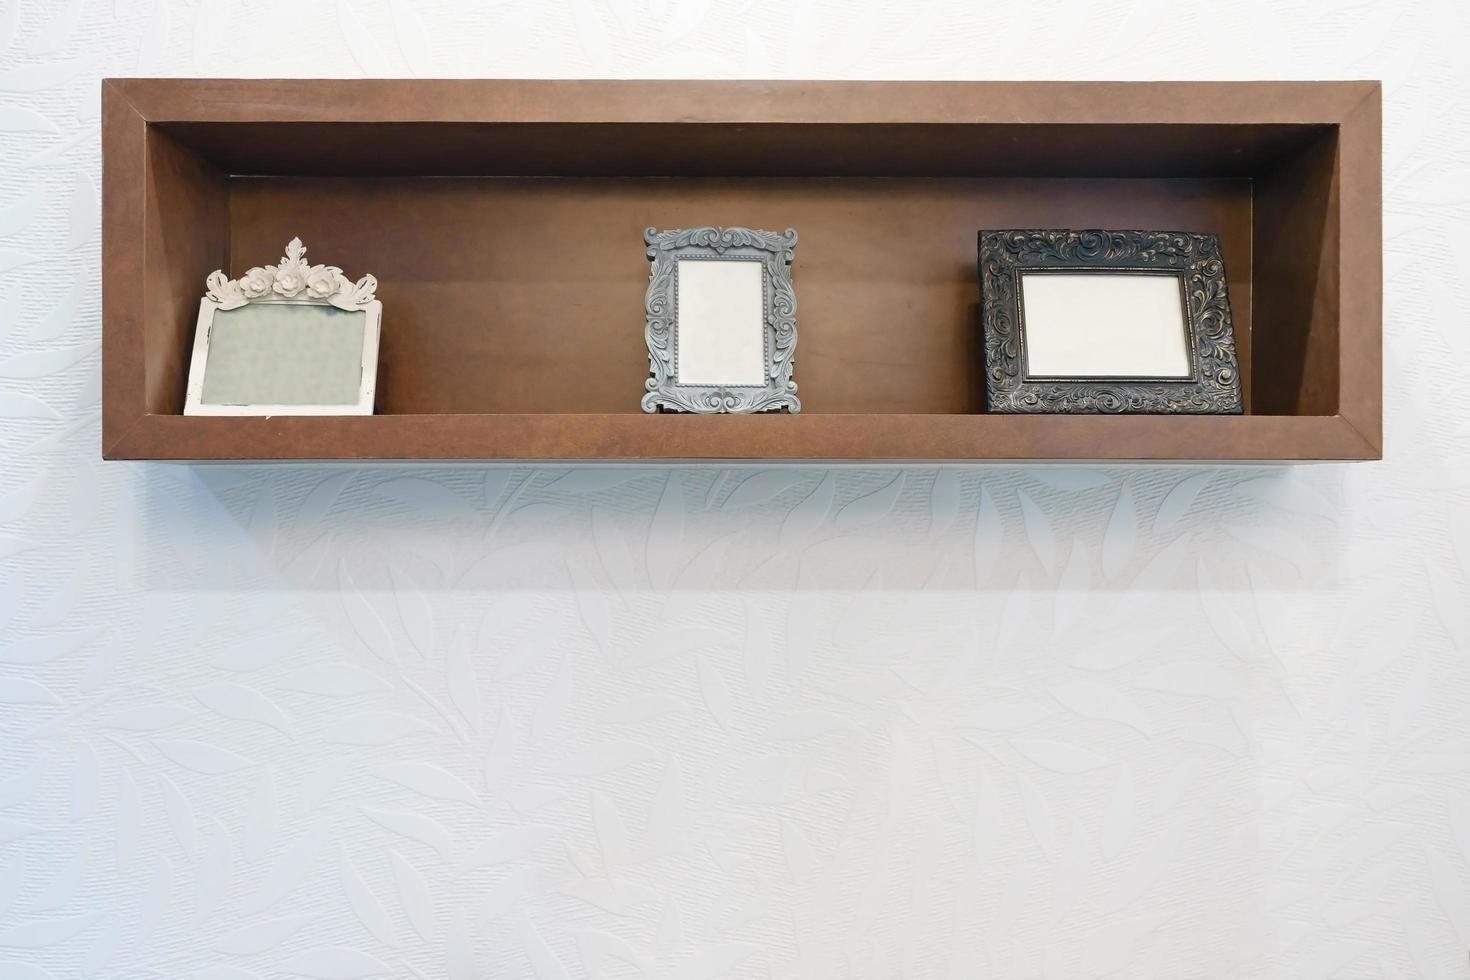 leeg fotokader op houten plank met witte muurachtergrond foto